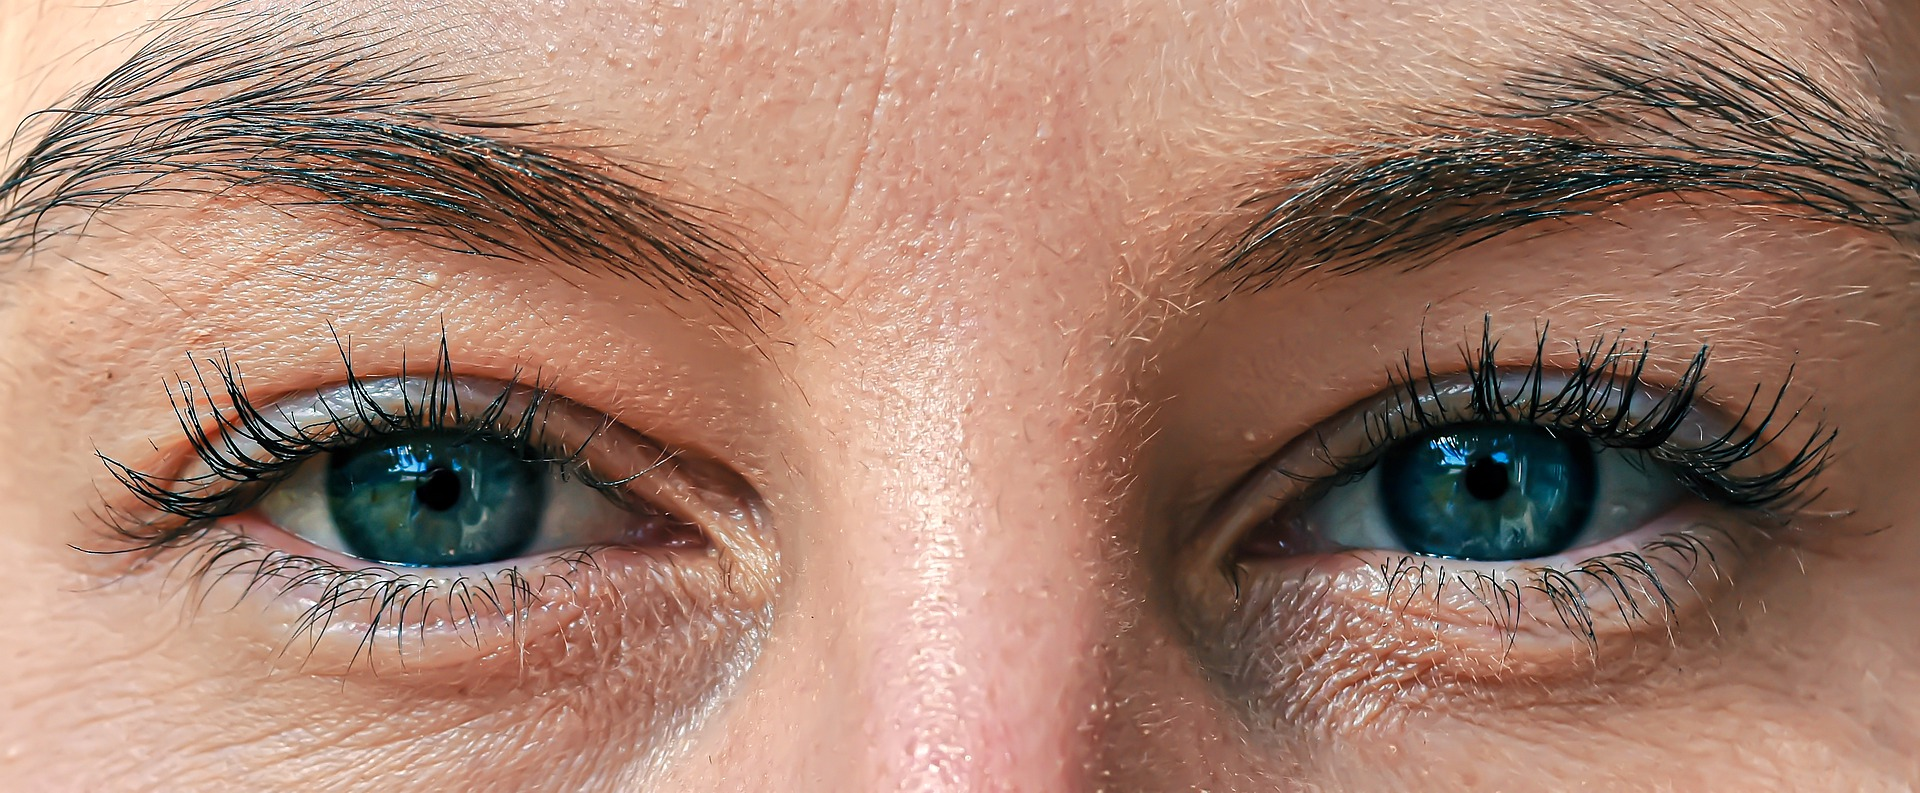 Helderziende ogen